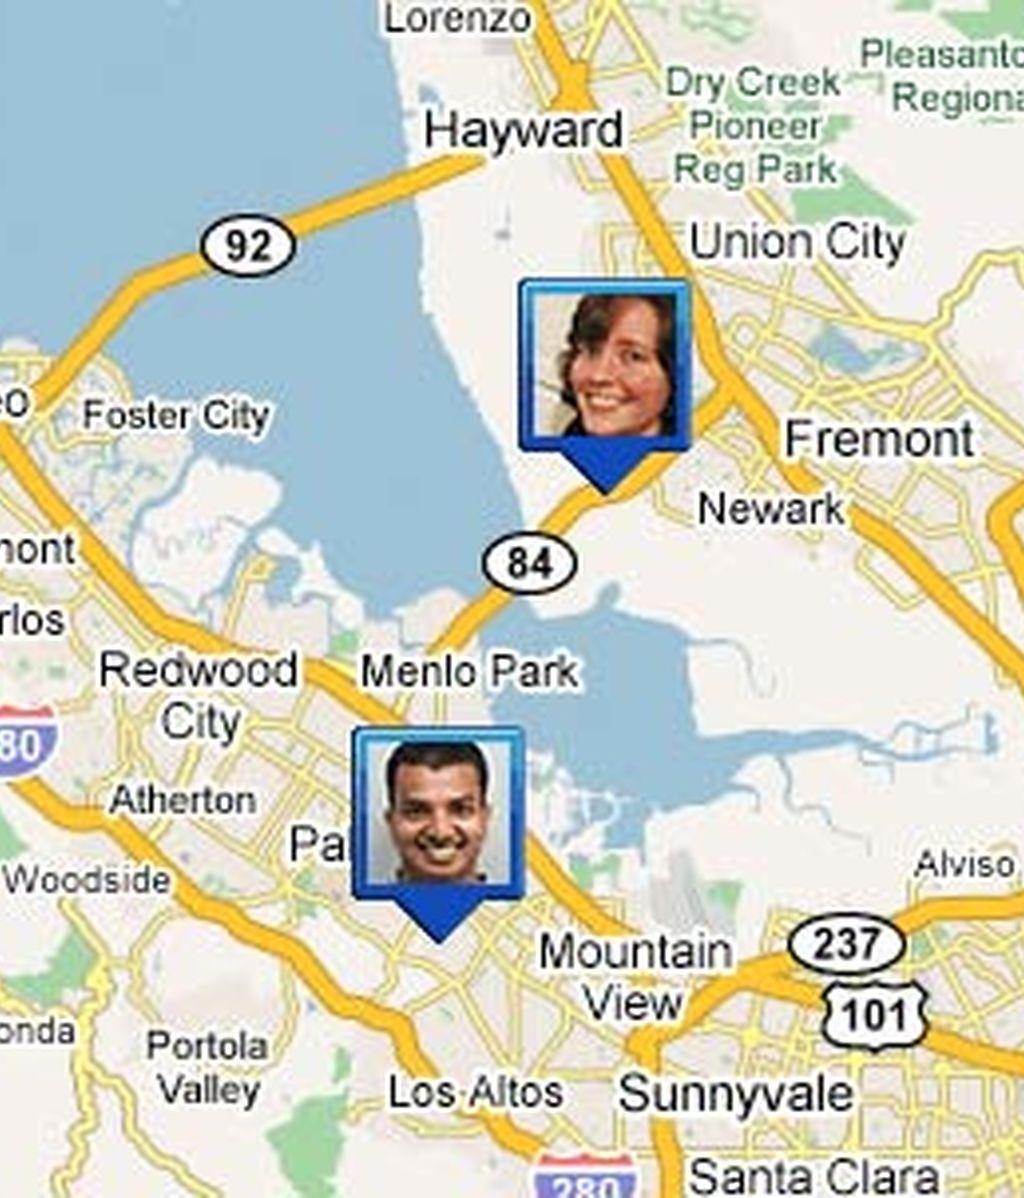 La aplicación permite conocer la ubicación exacta de tus amigos. Foto: Google Latitude.